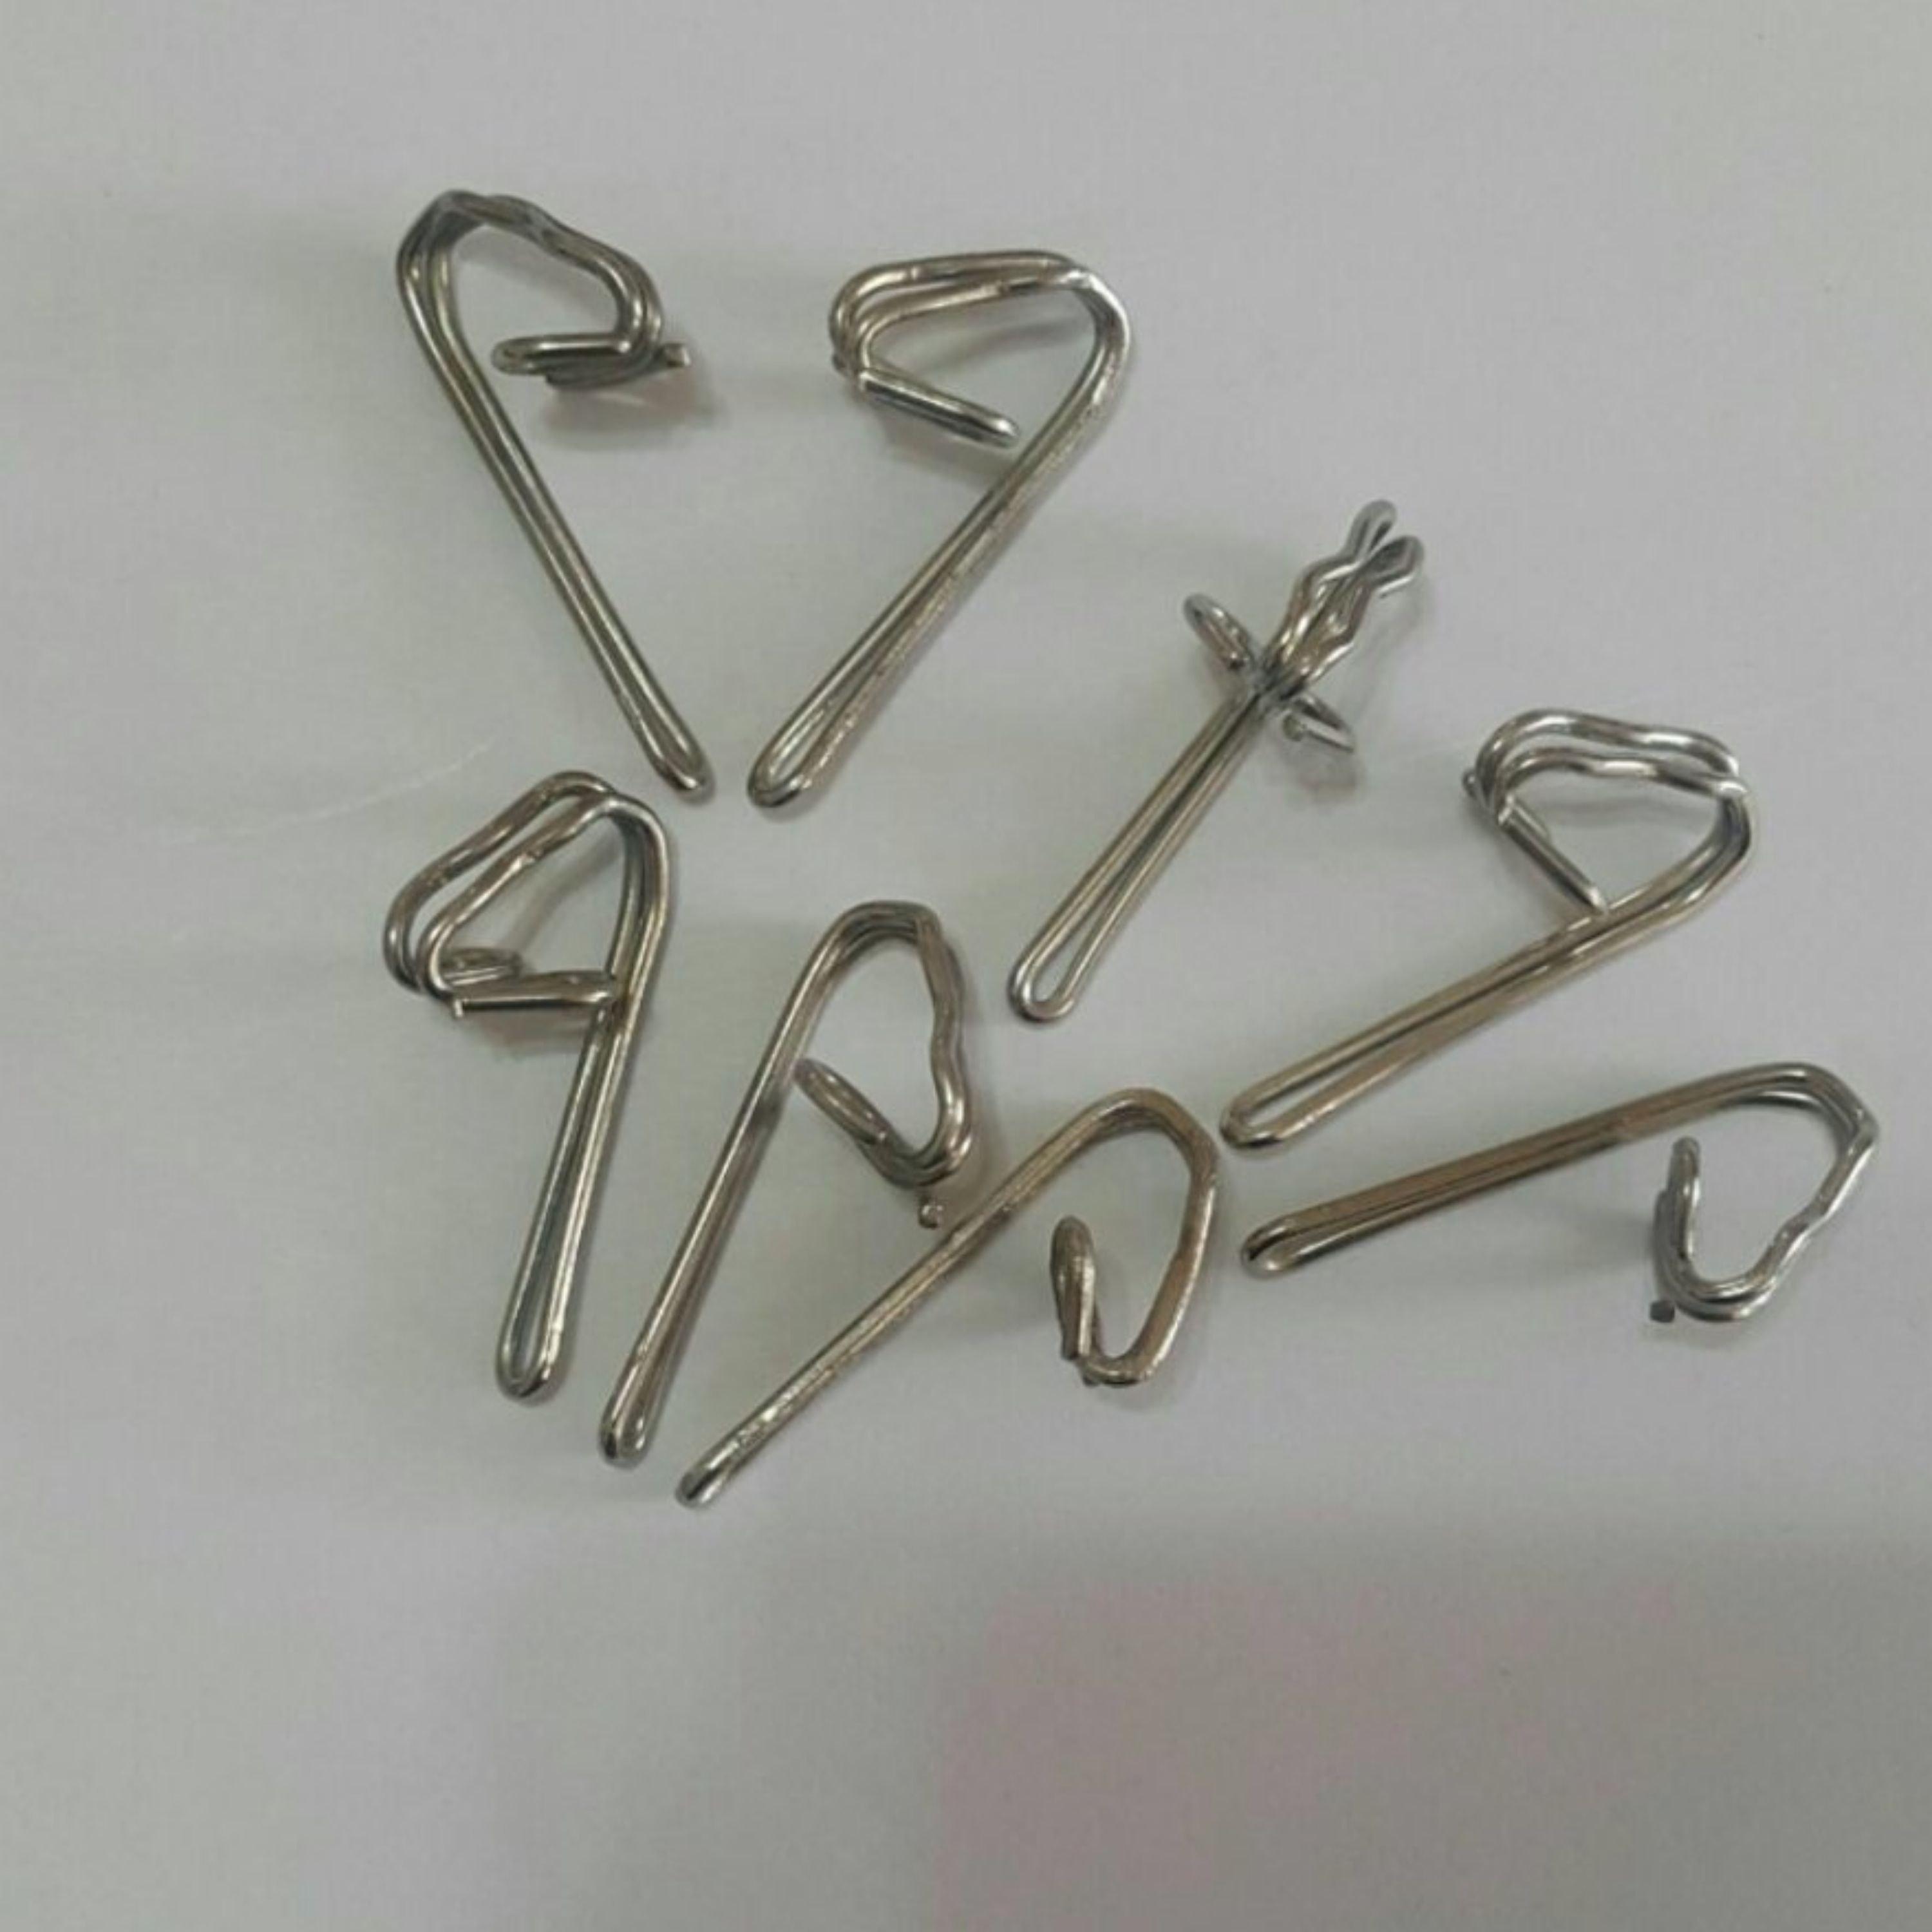 تصویر گیره پرده هوکس فلزی (100 عددی)